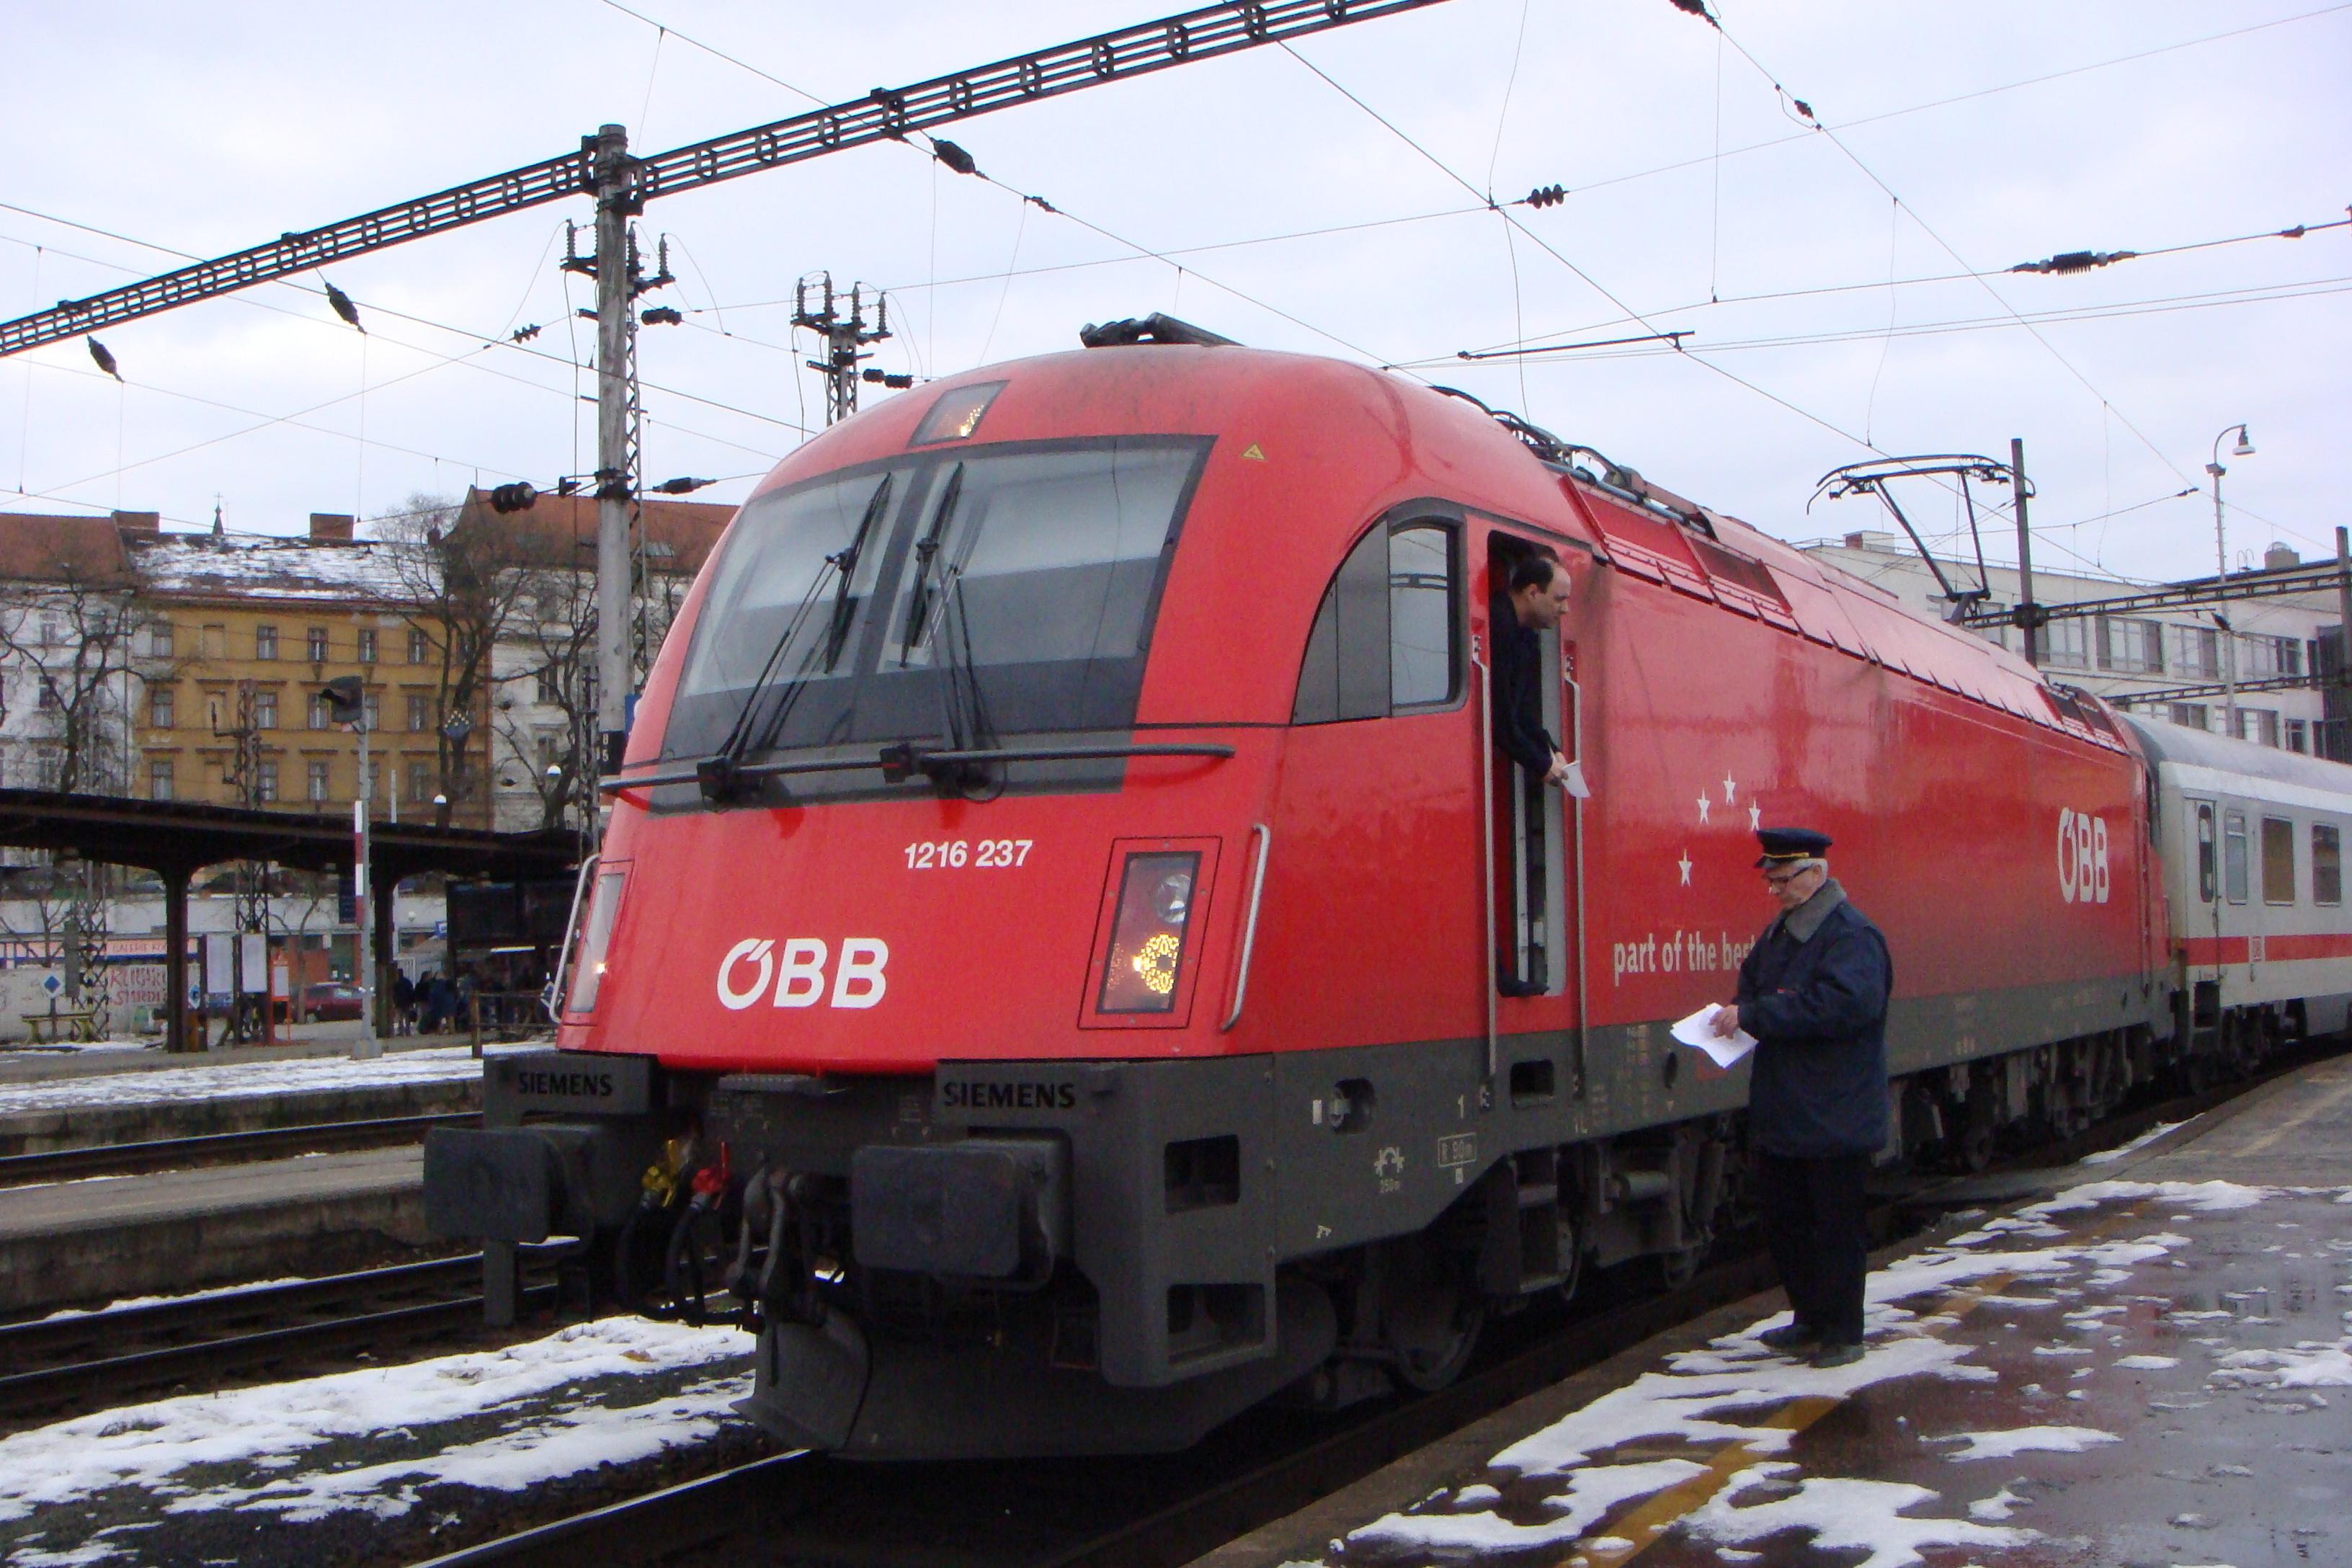 https://vlaky-vlaky.estranky.cz/img/original/55/1216-237-autor-jakub-pospisil-misto-brno-hl.n..jpg